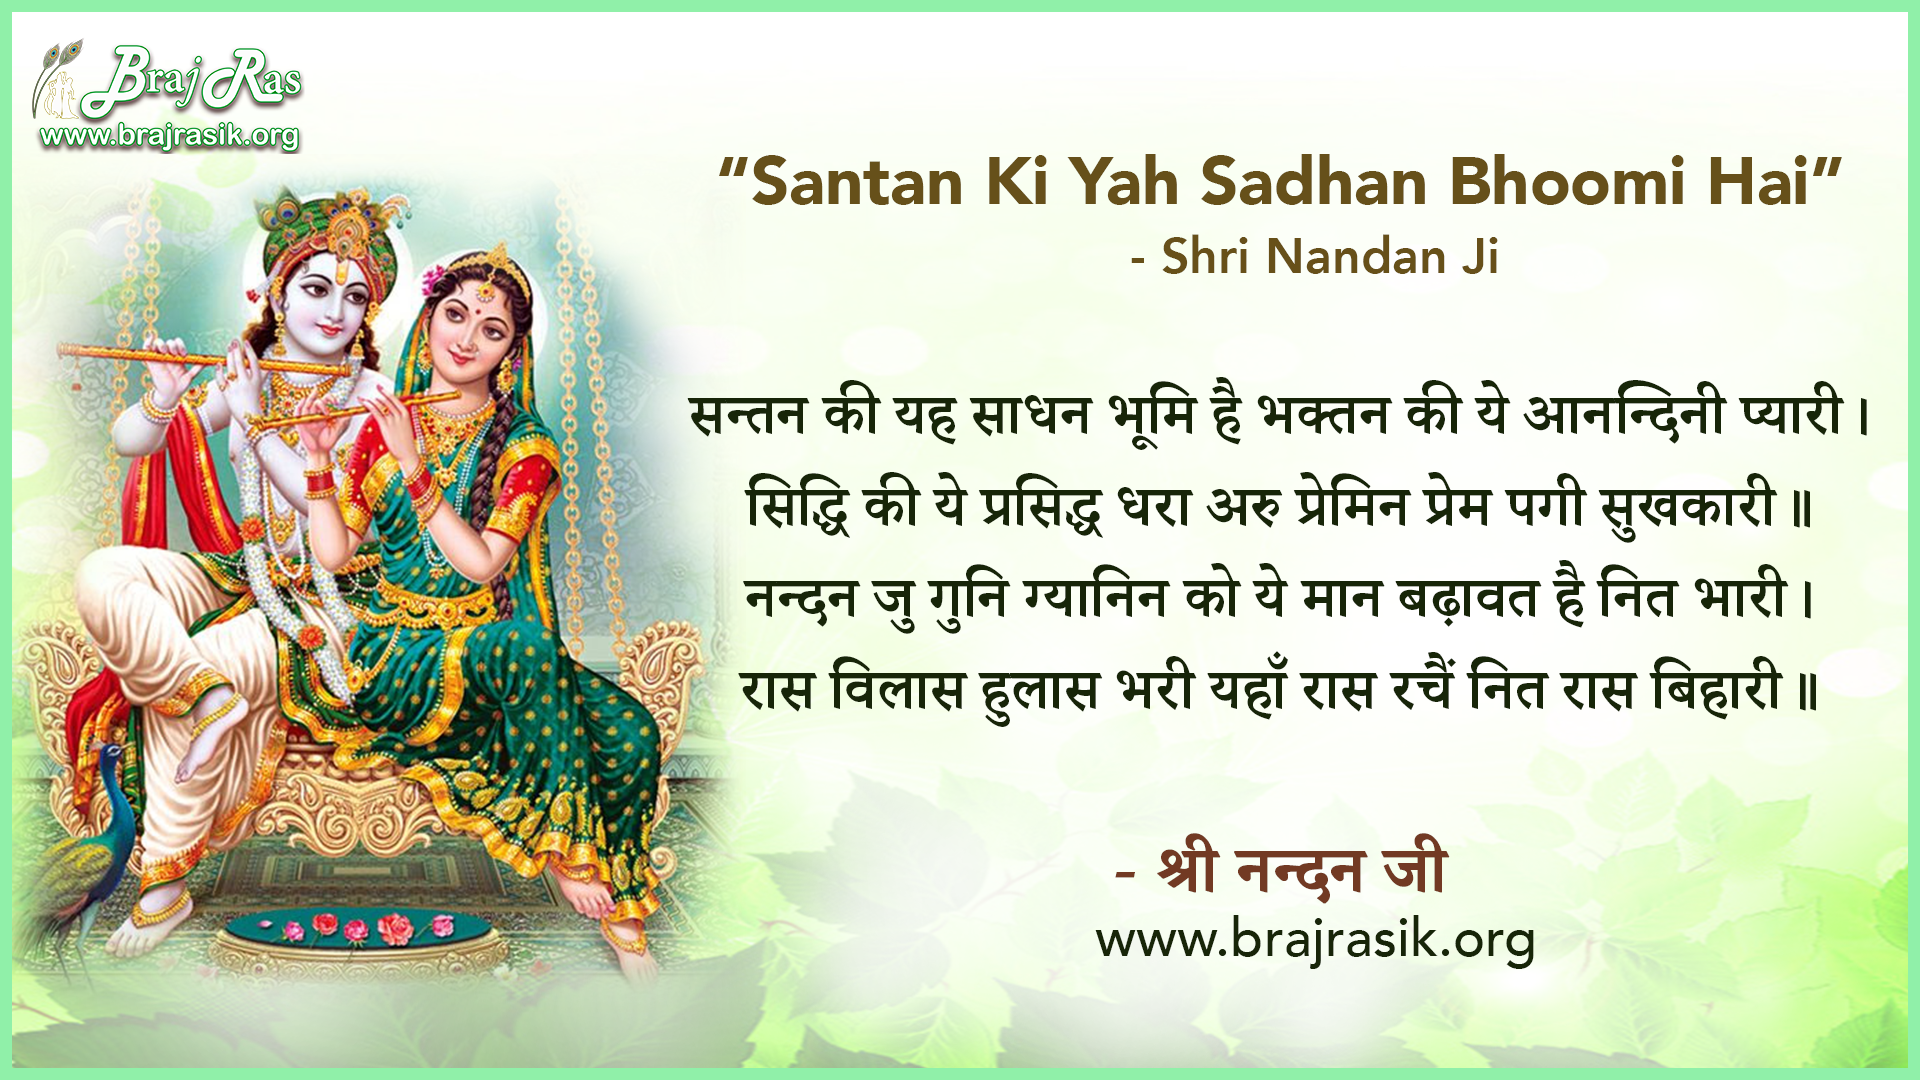 Santan Ki Yah Sadhan Bhoomi Hai - Shri Nandan Ji